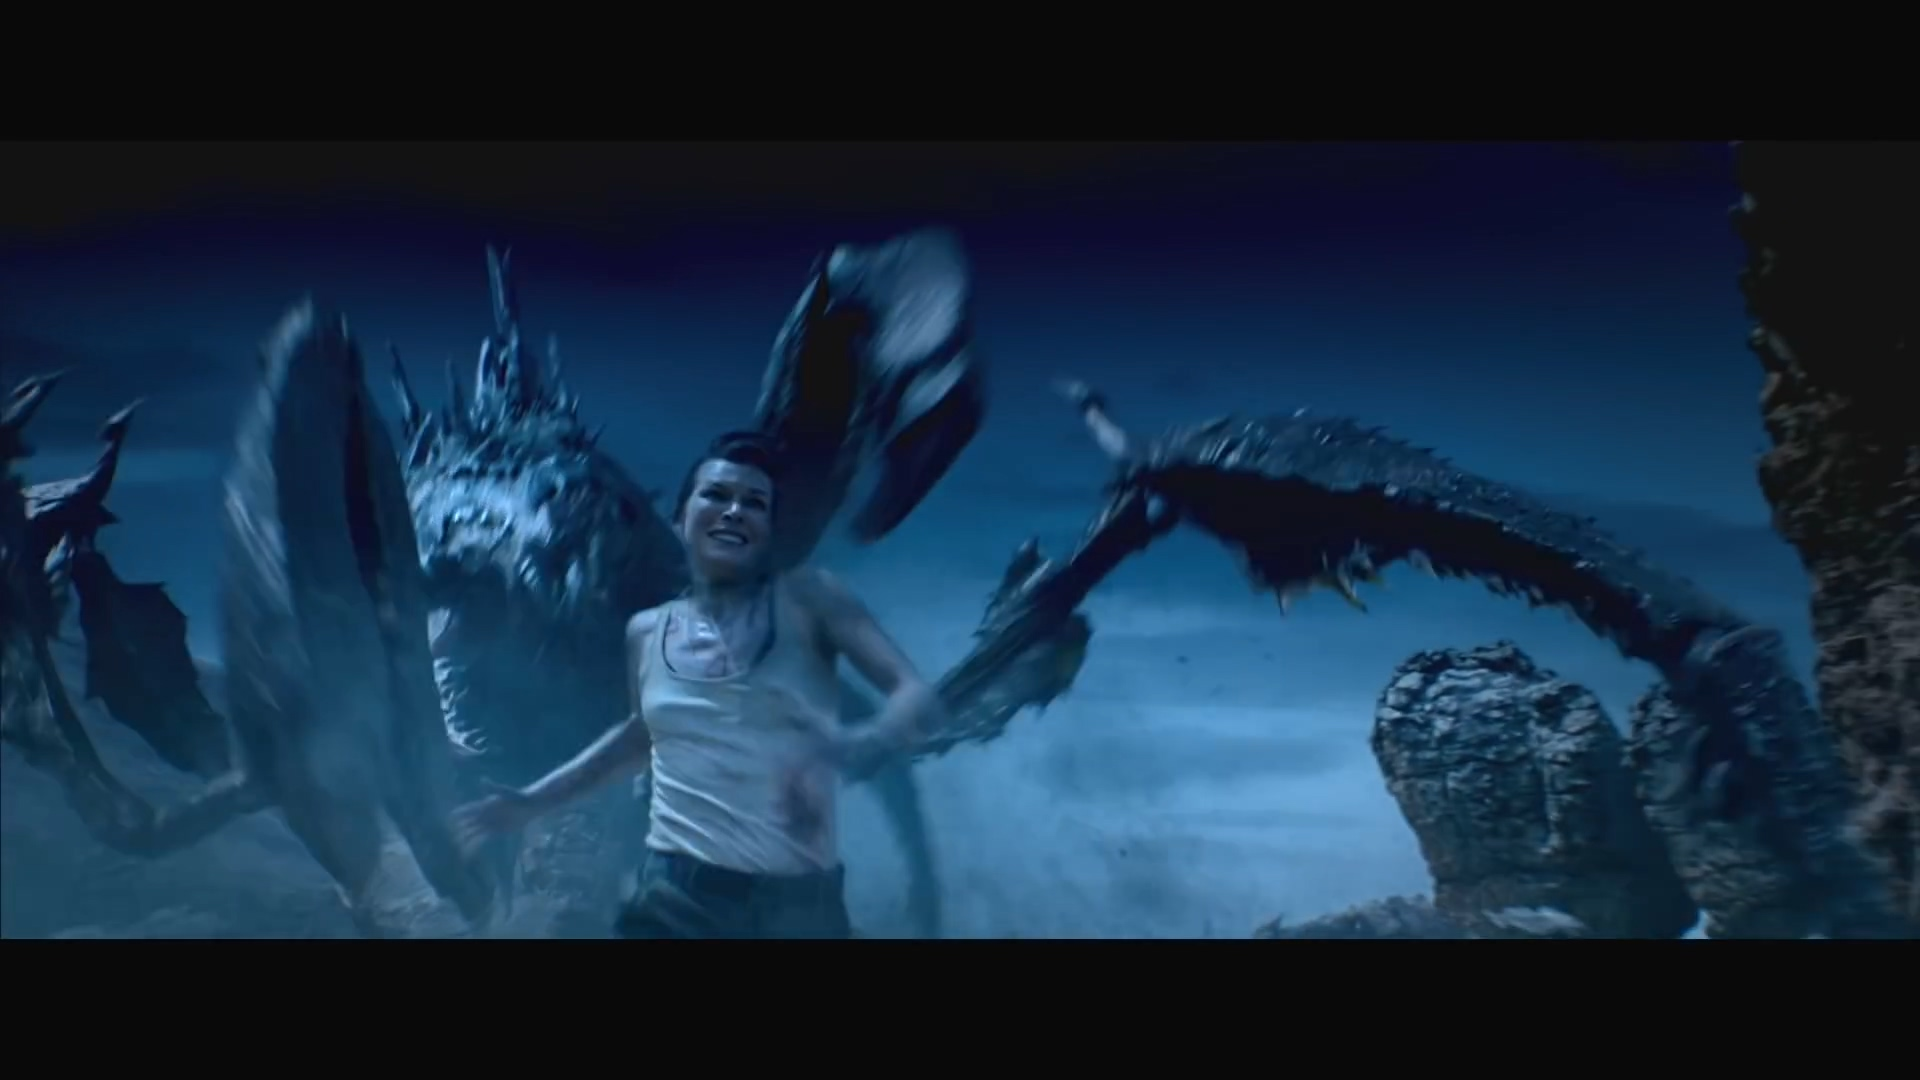 《怪物猎人》电影日版预告 12月4日国内上映